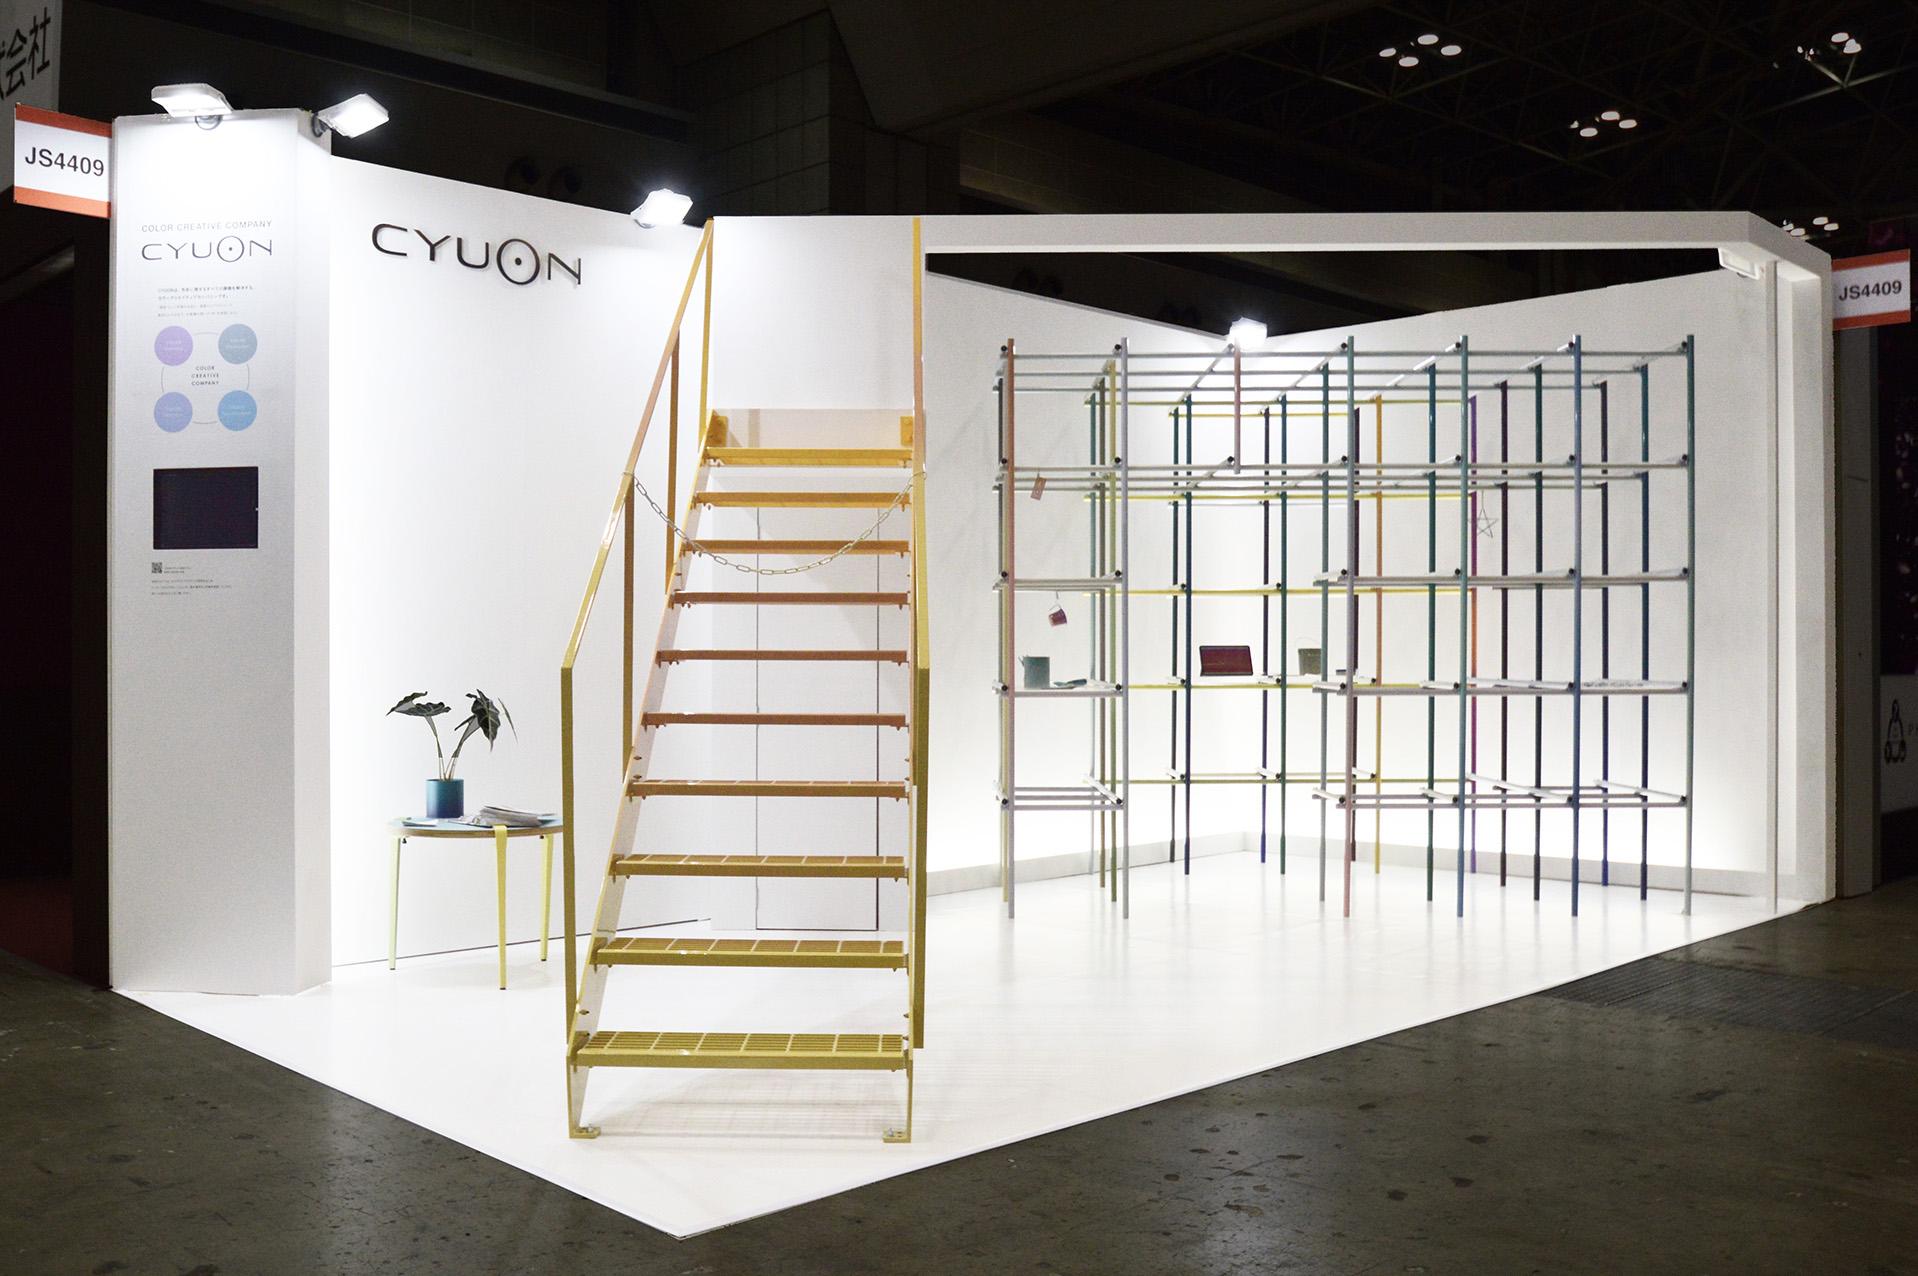 CYUON, JAPANSHOP 2019